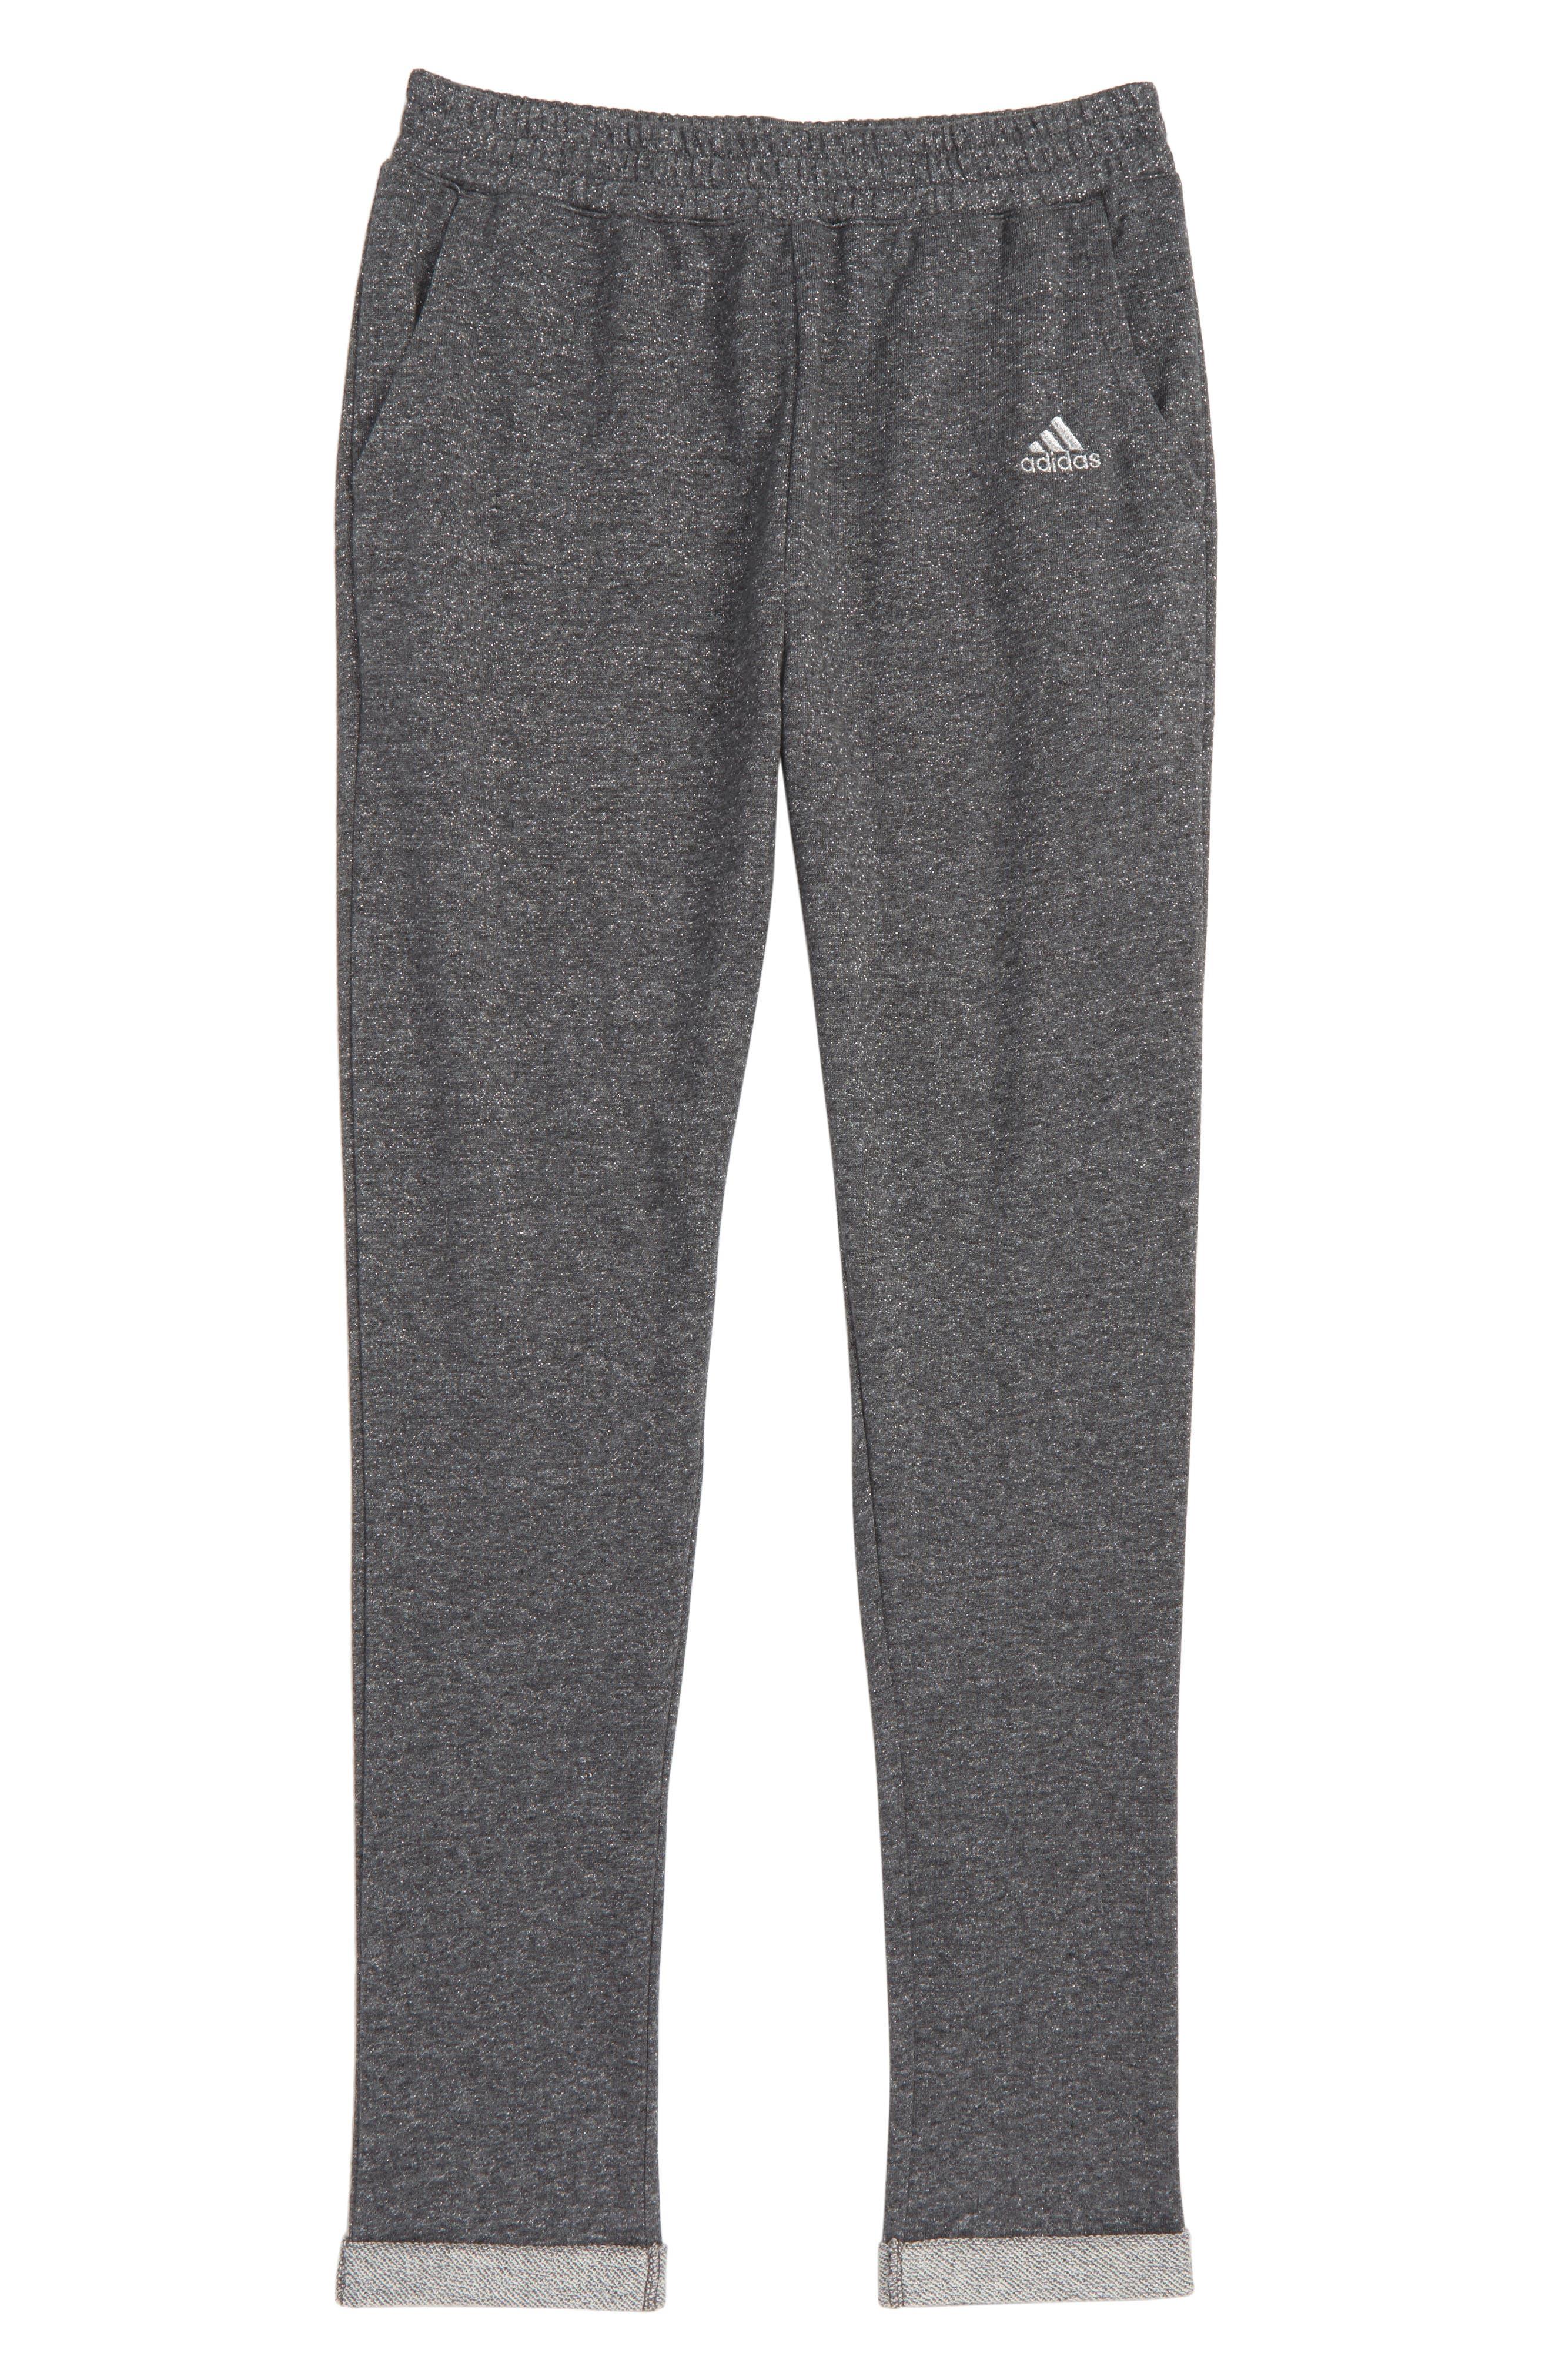 ADIDAS Sparkle Jogger Pants, Main, color, 028